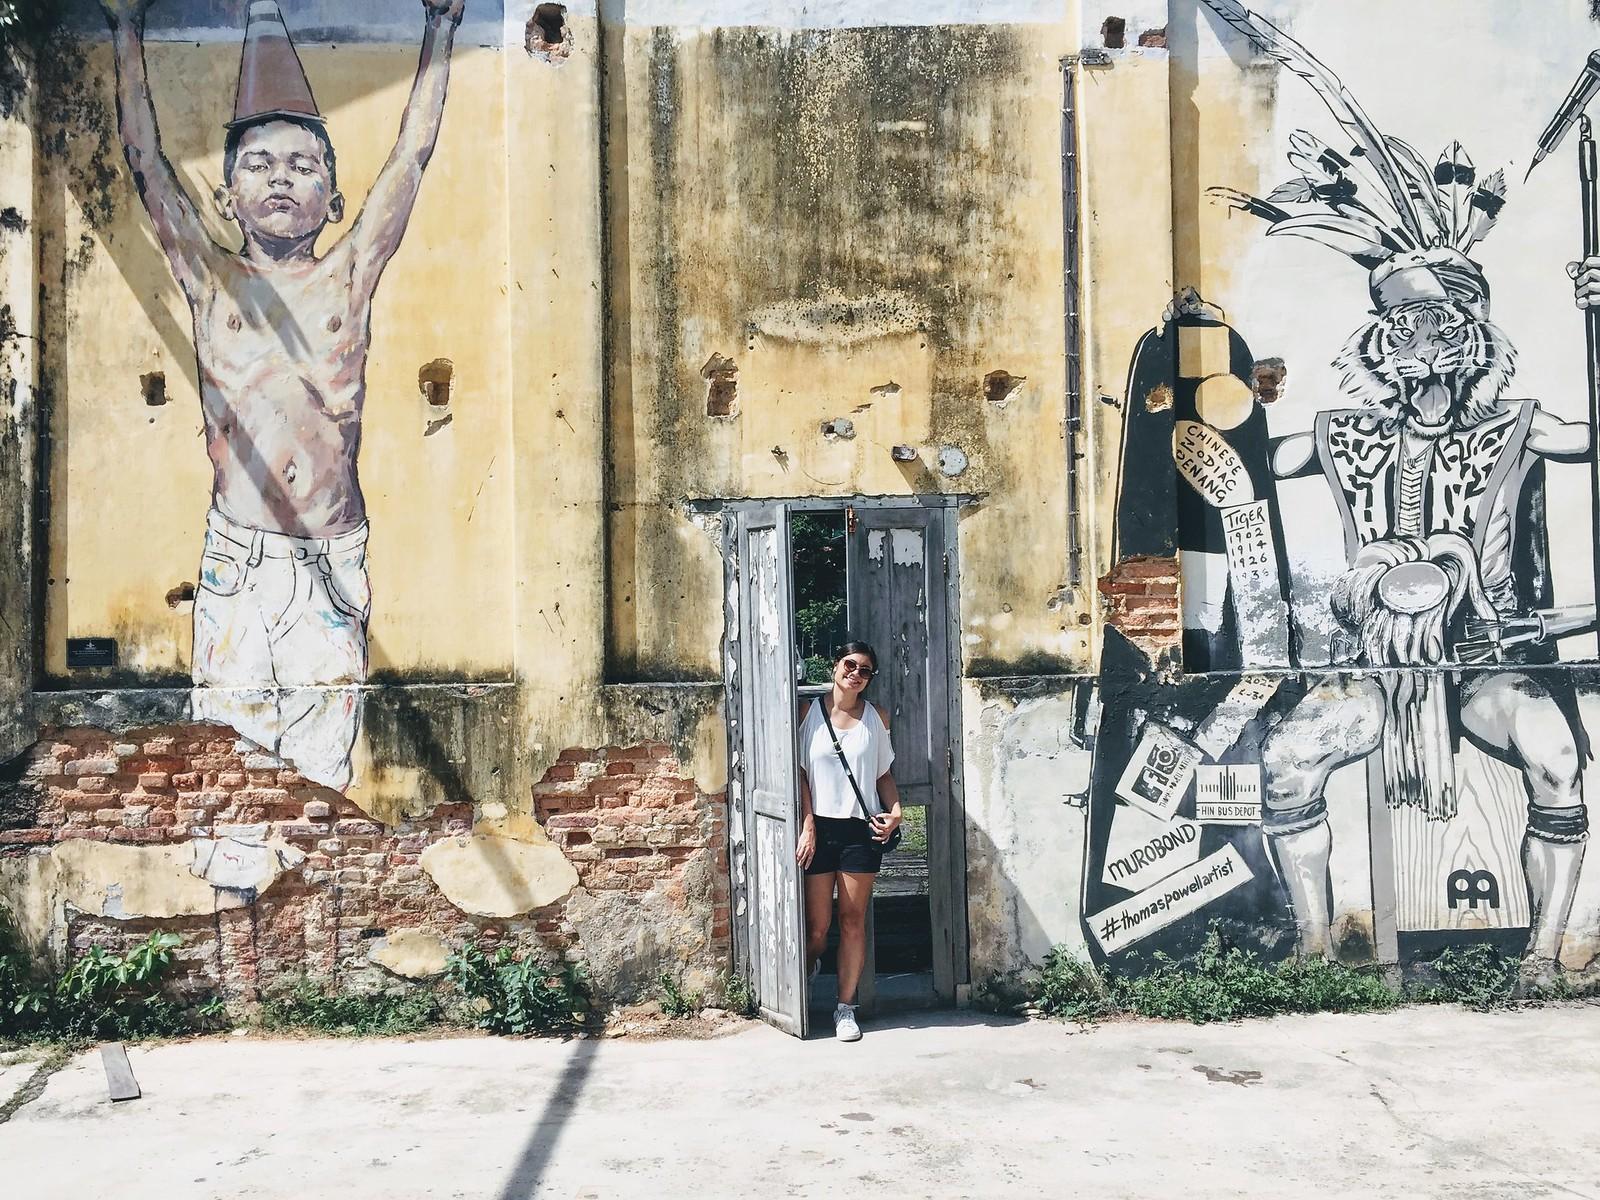 Finding street art